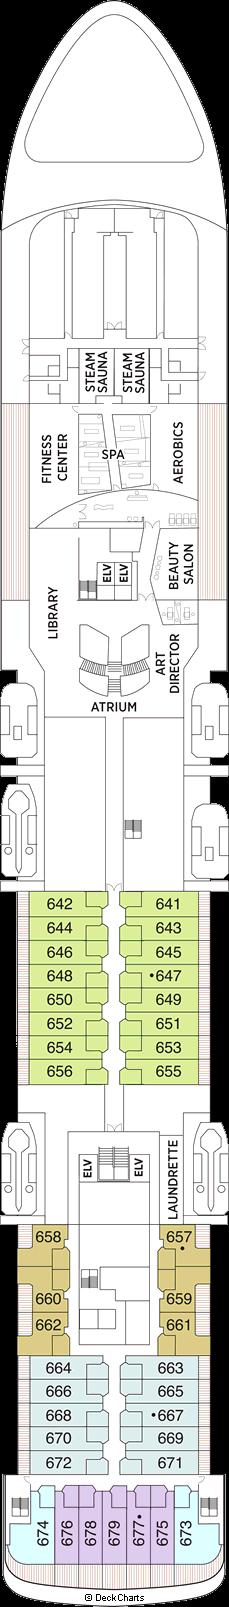 Seven Seas Voyager: Deck 6